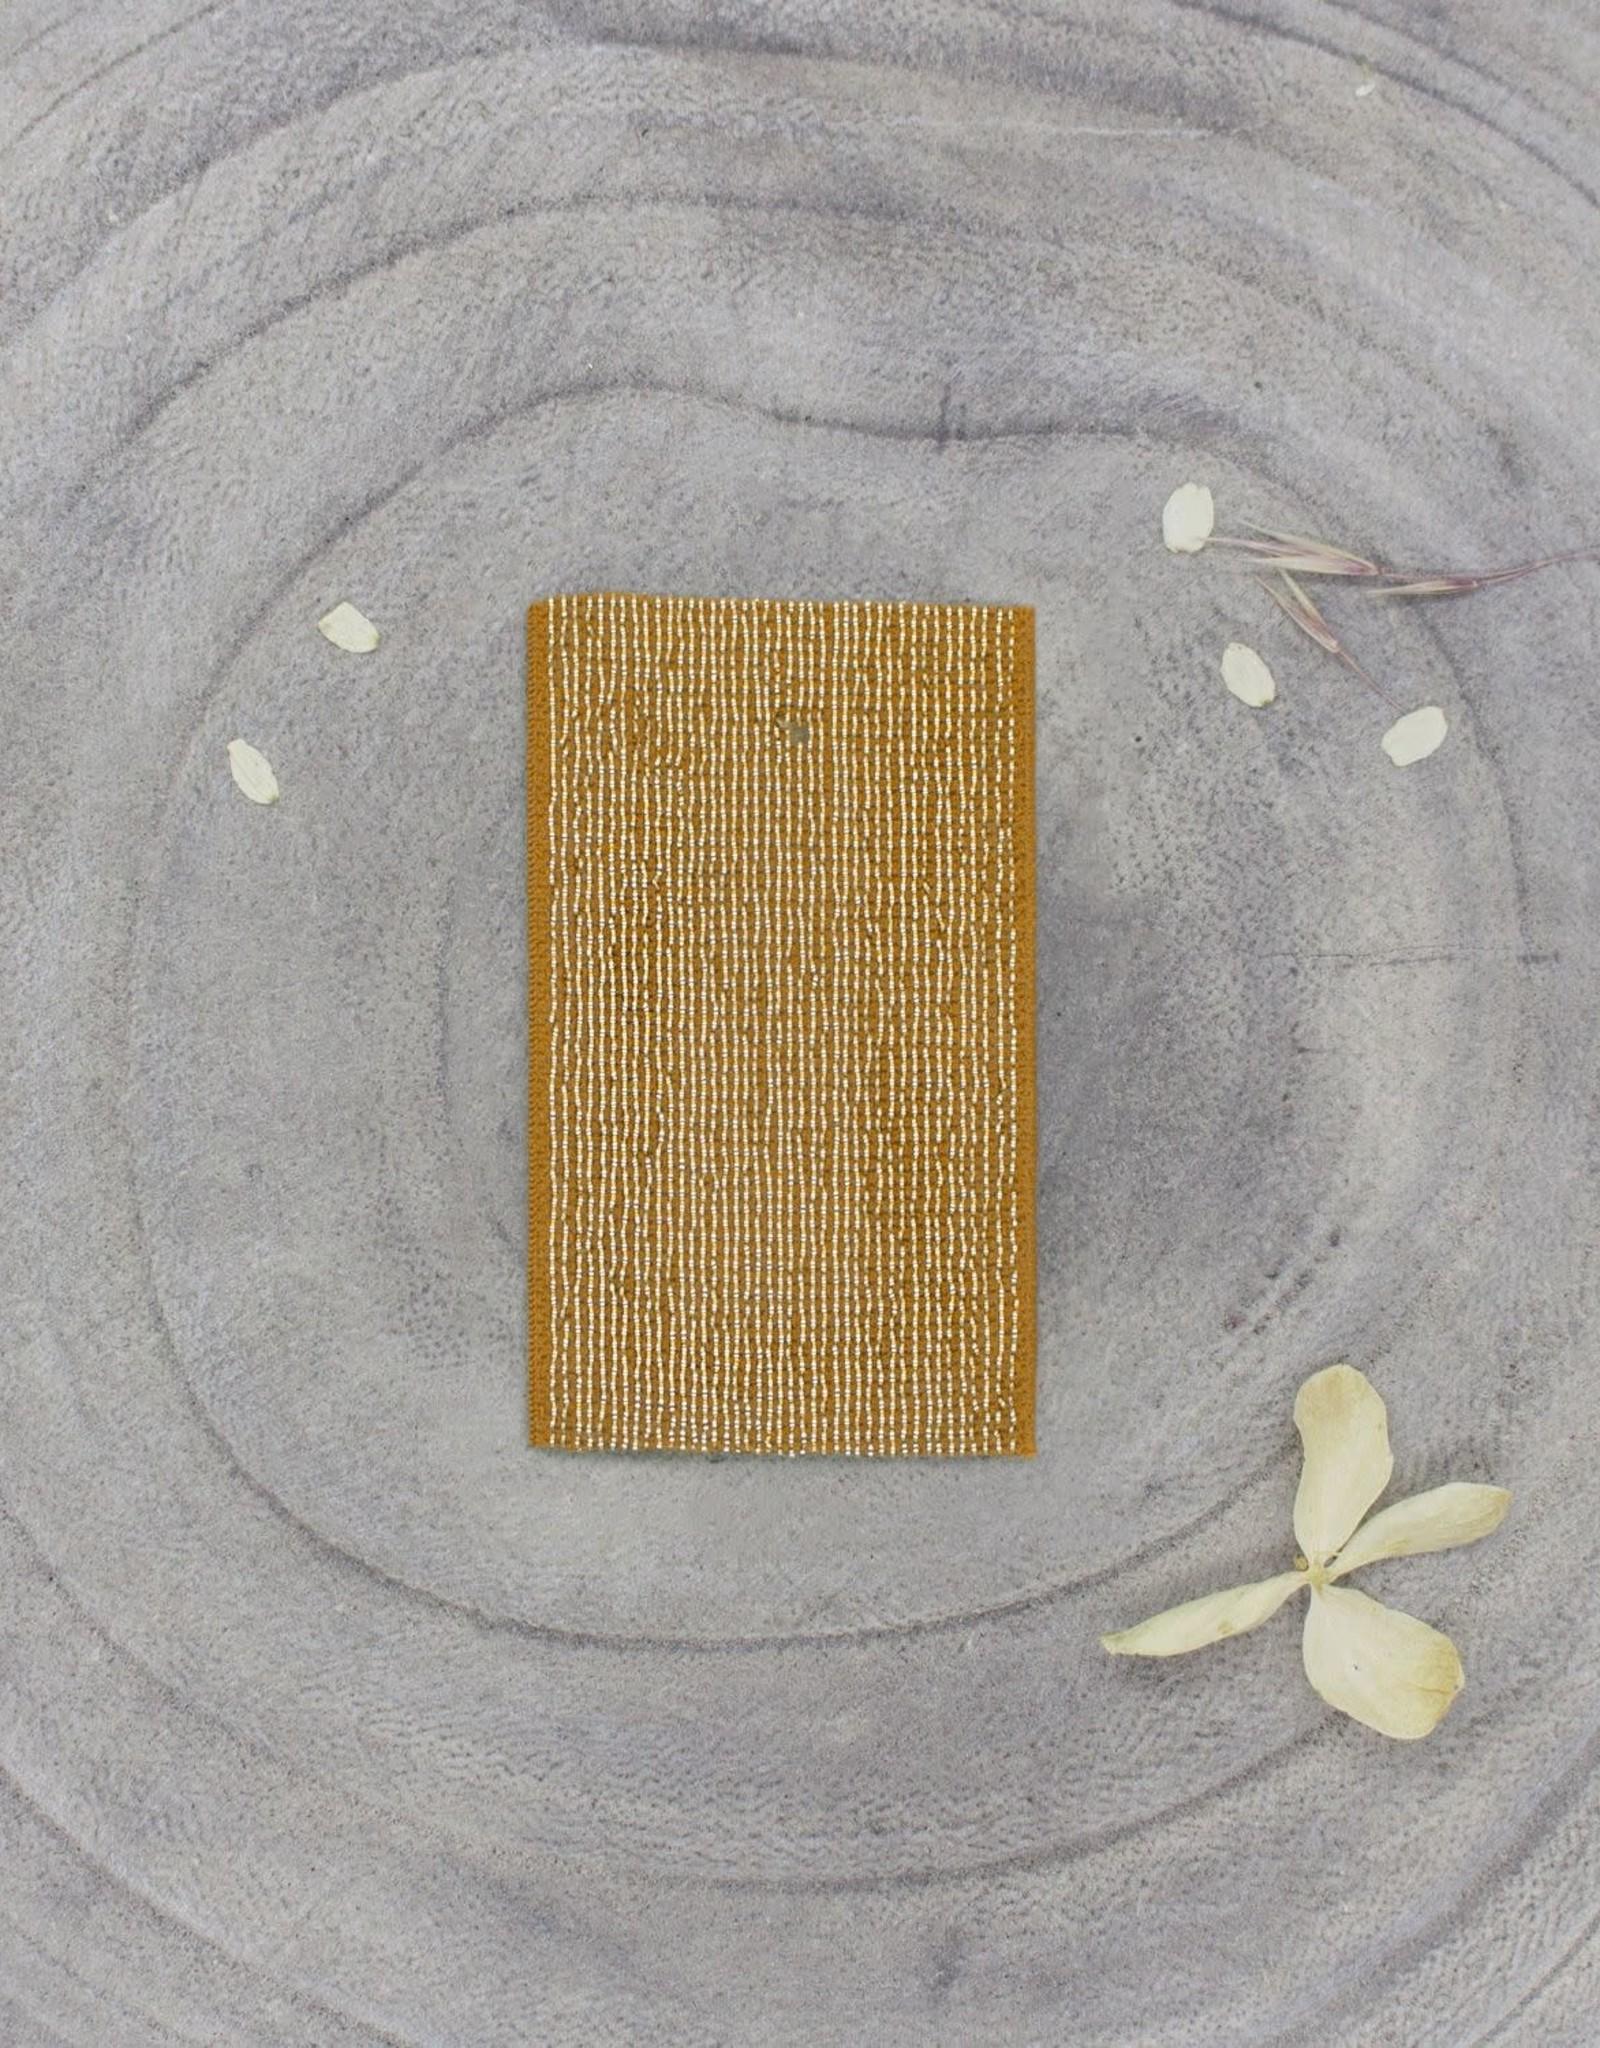 Atelier Brunette Golden Elastic Band - Ochre